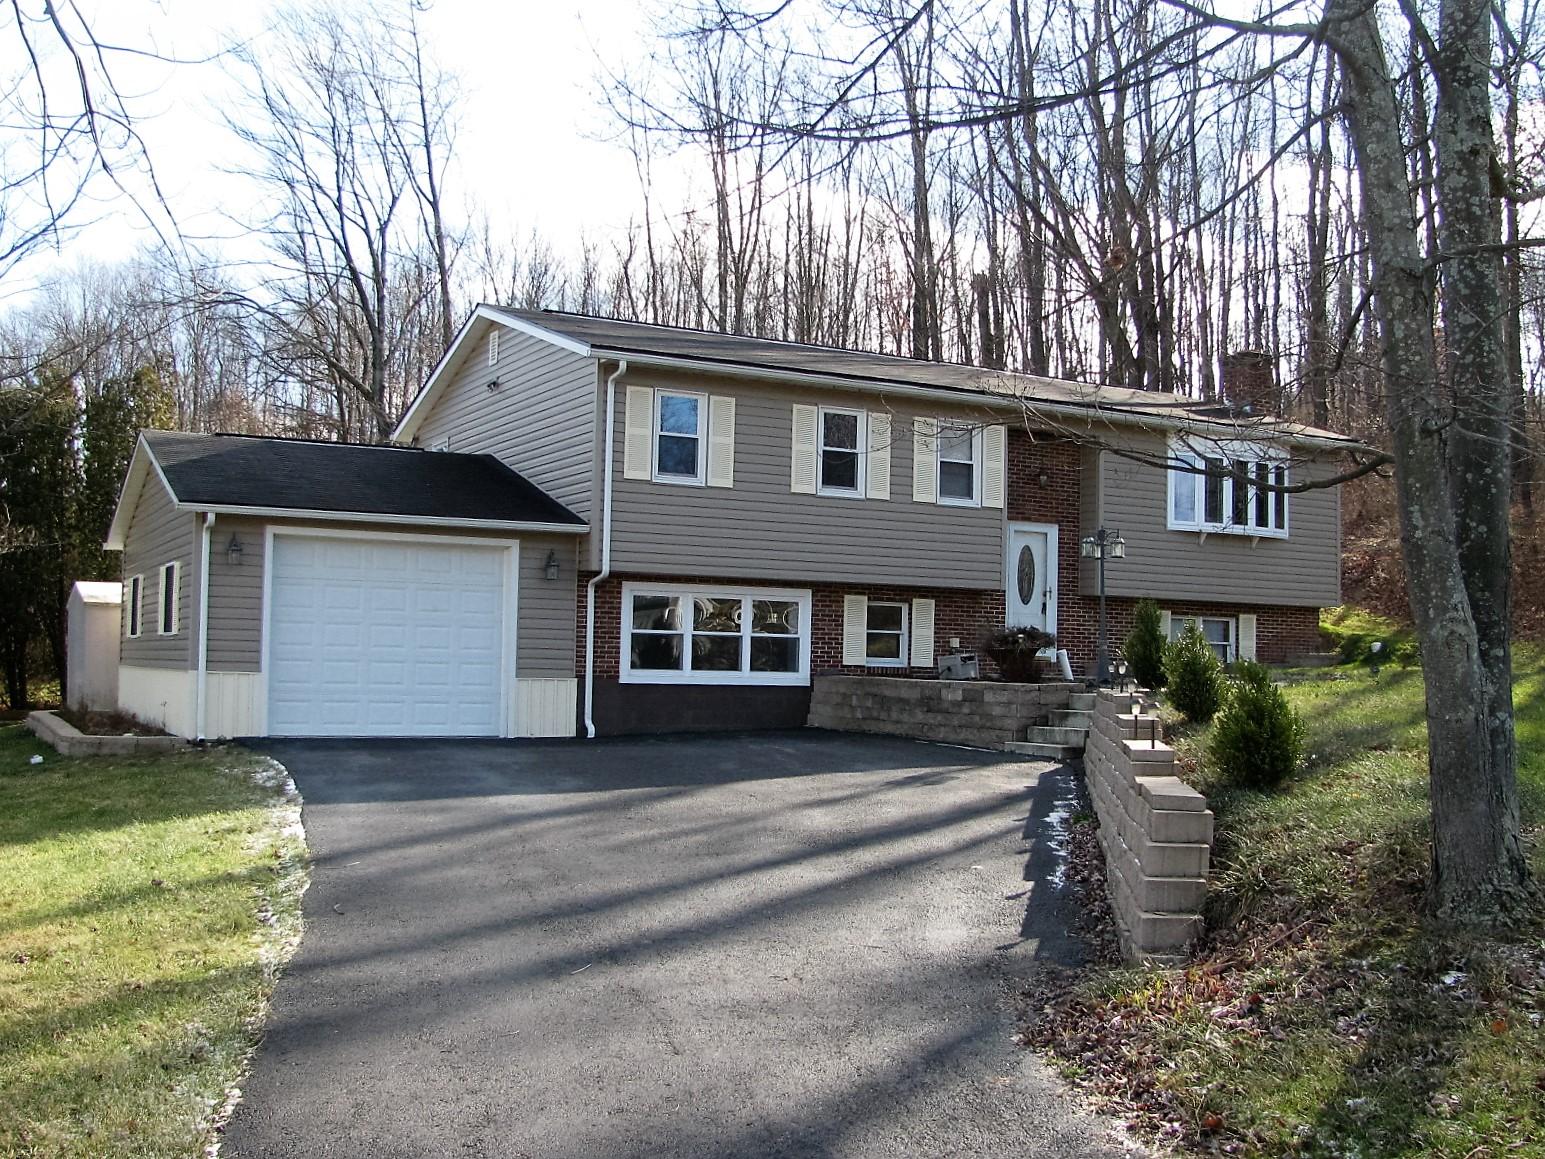 2095 W 10th St, Tyrone, Pennsylvania 16686